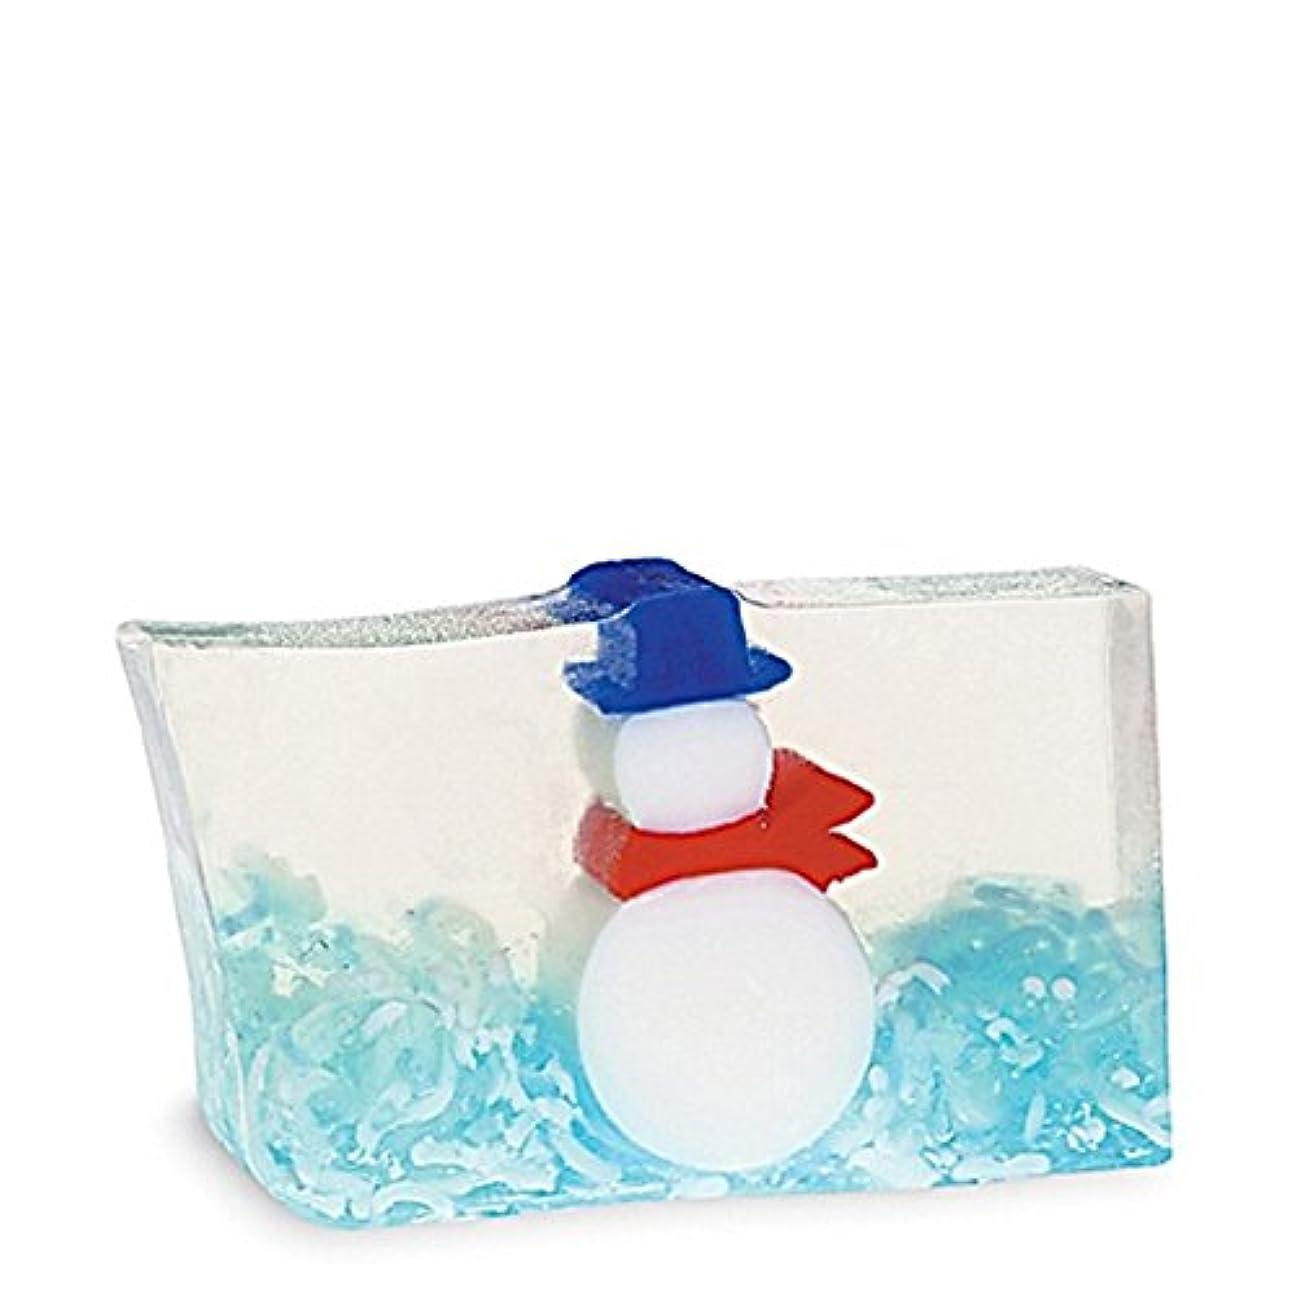 アセンブリコック十一原初の要素雪だるま石鹸170グラム x4 - Primal Elements Snowman Soap 170g (Pack of 4) [並行輸入品]